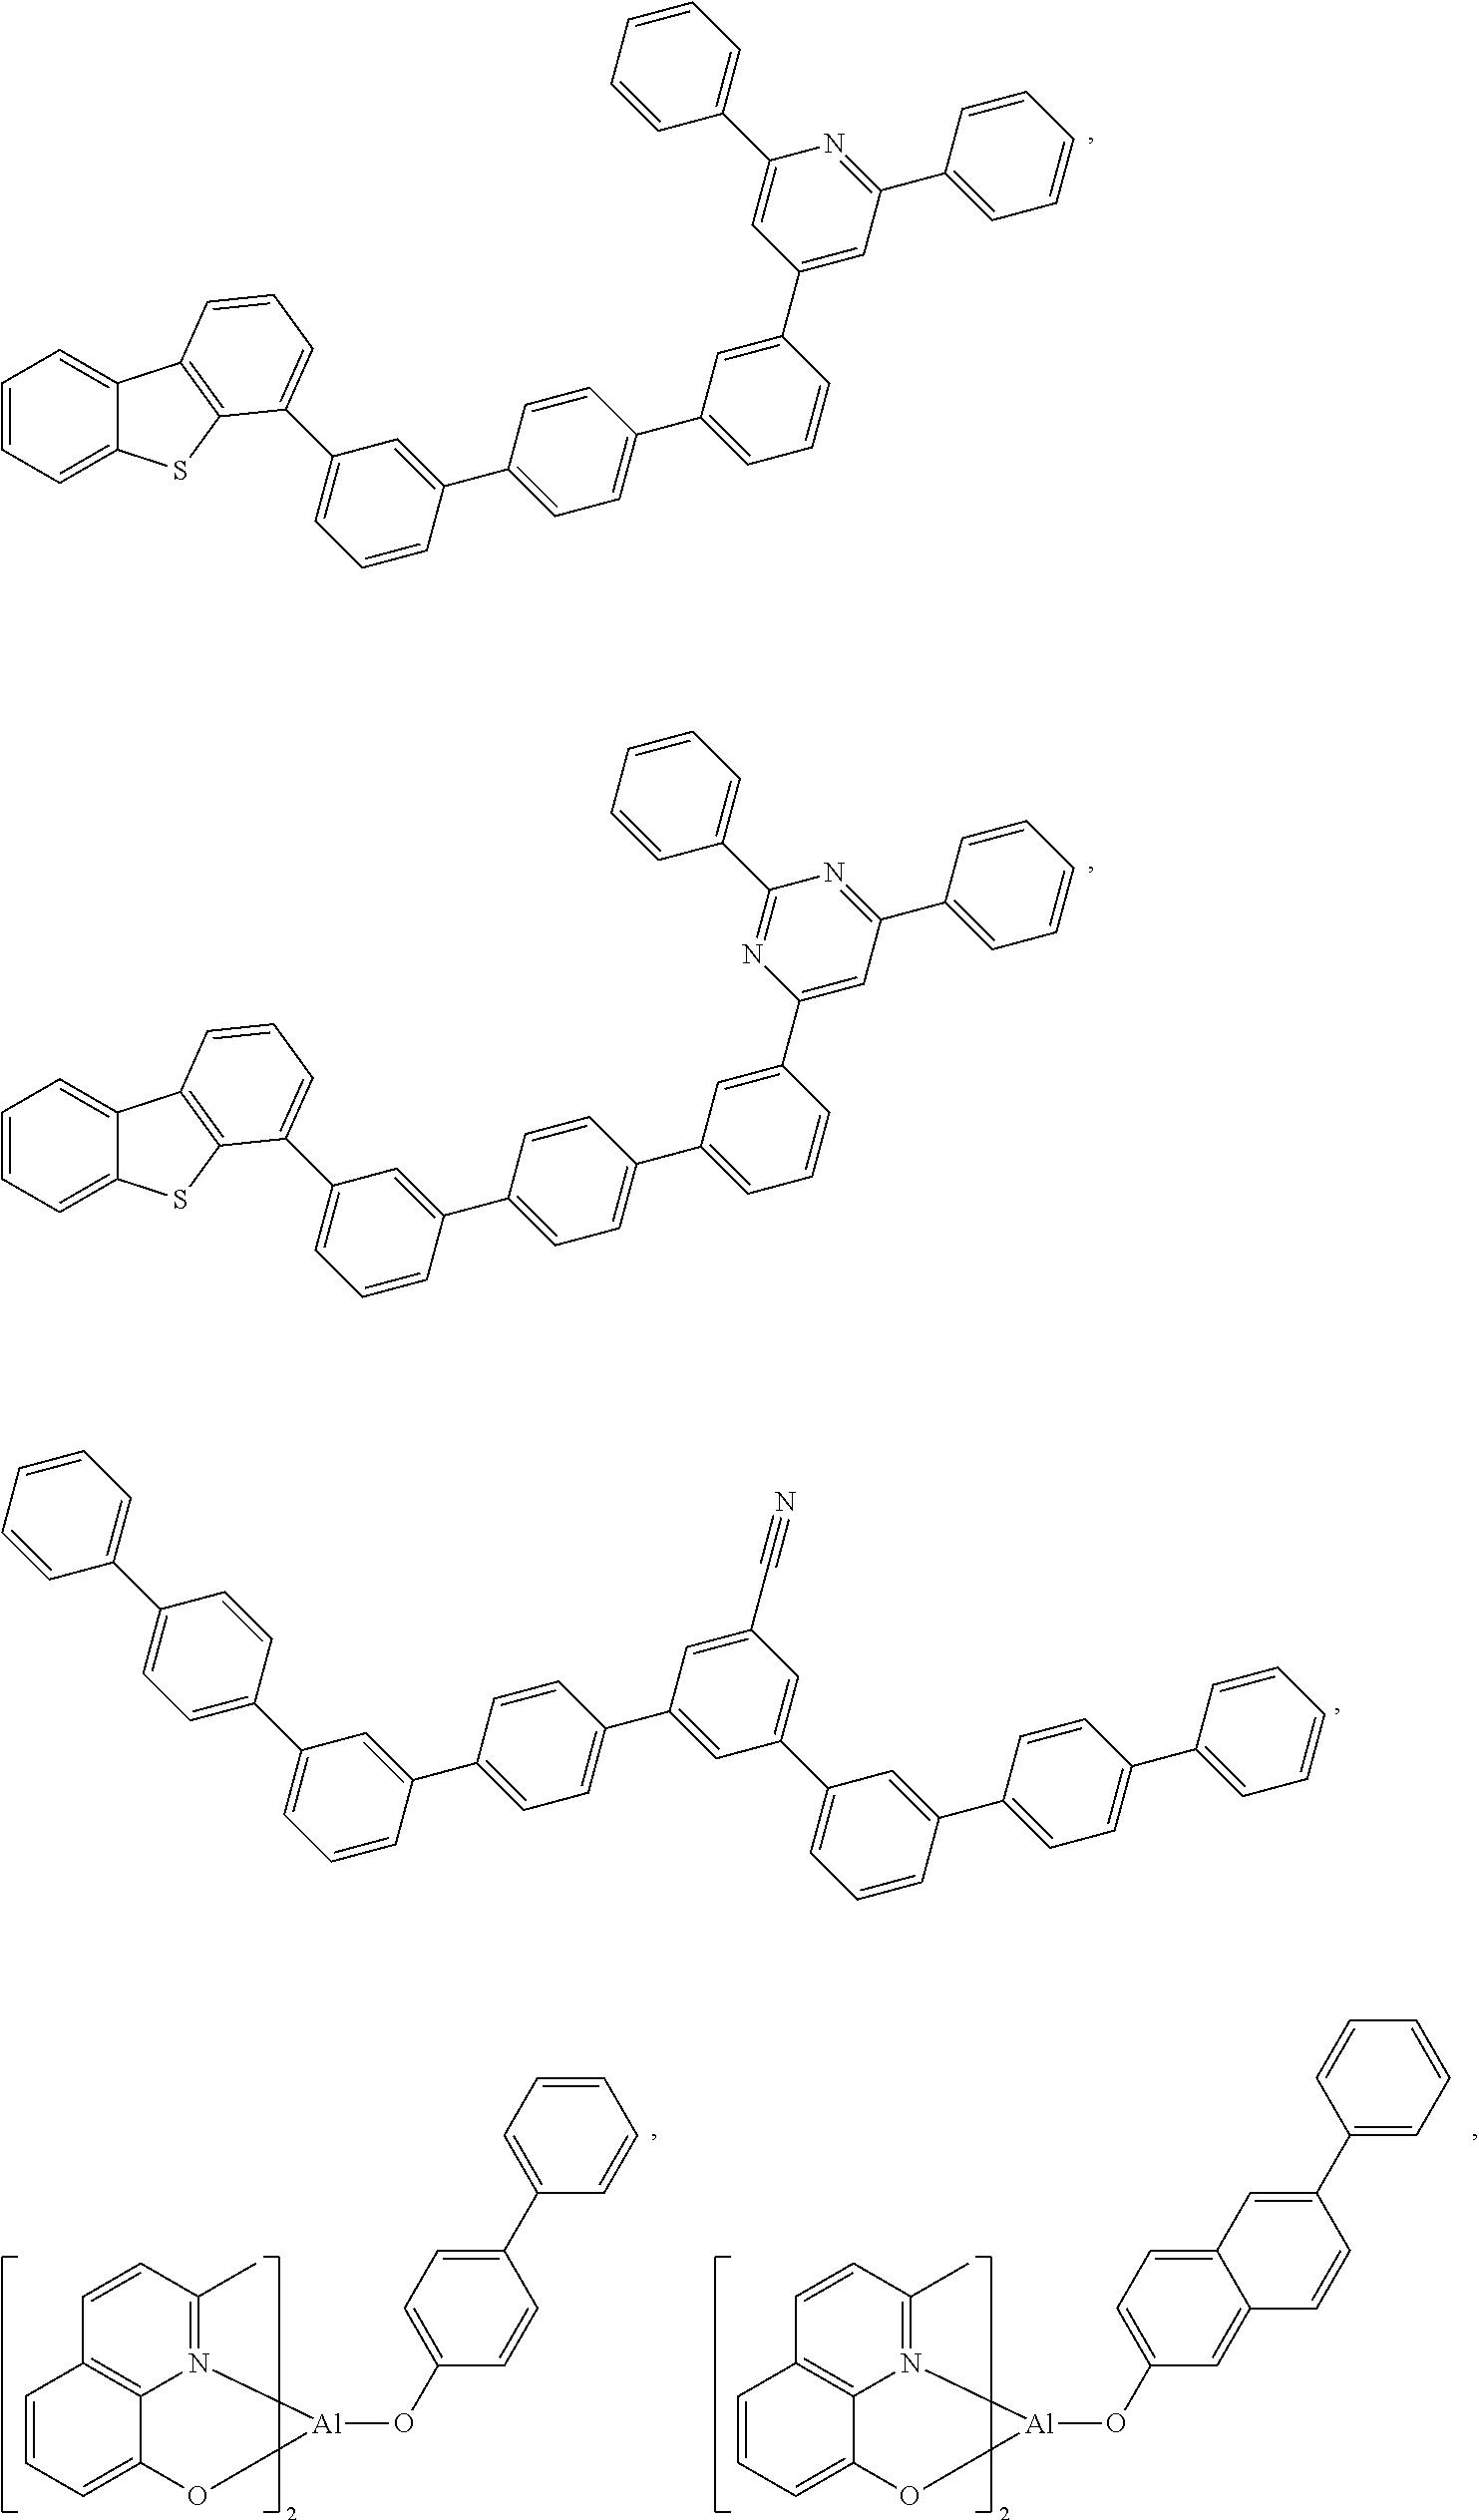 Figure US20180076393A1-20180315-C00094